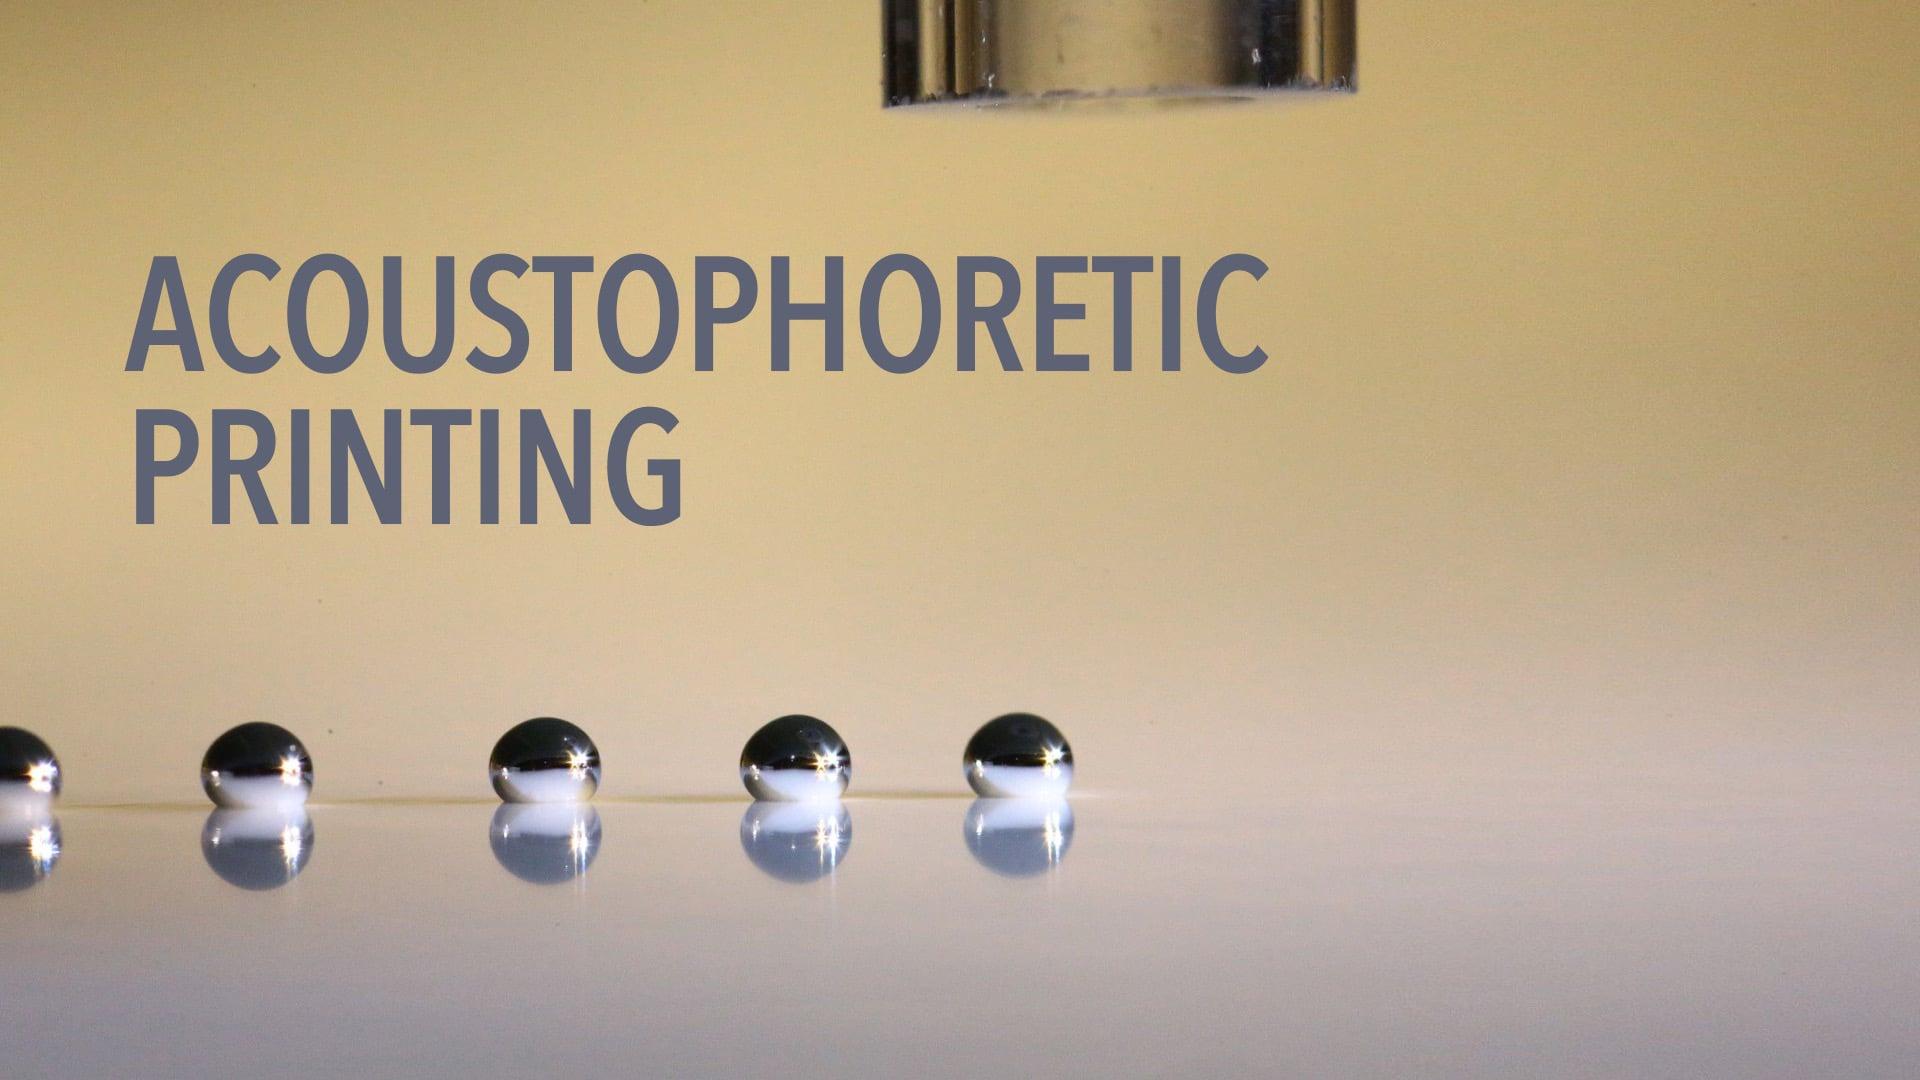 Acoustophoretic Printing